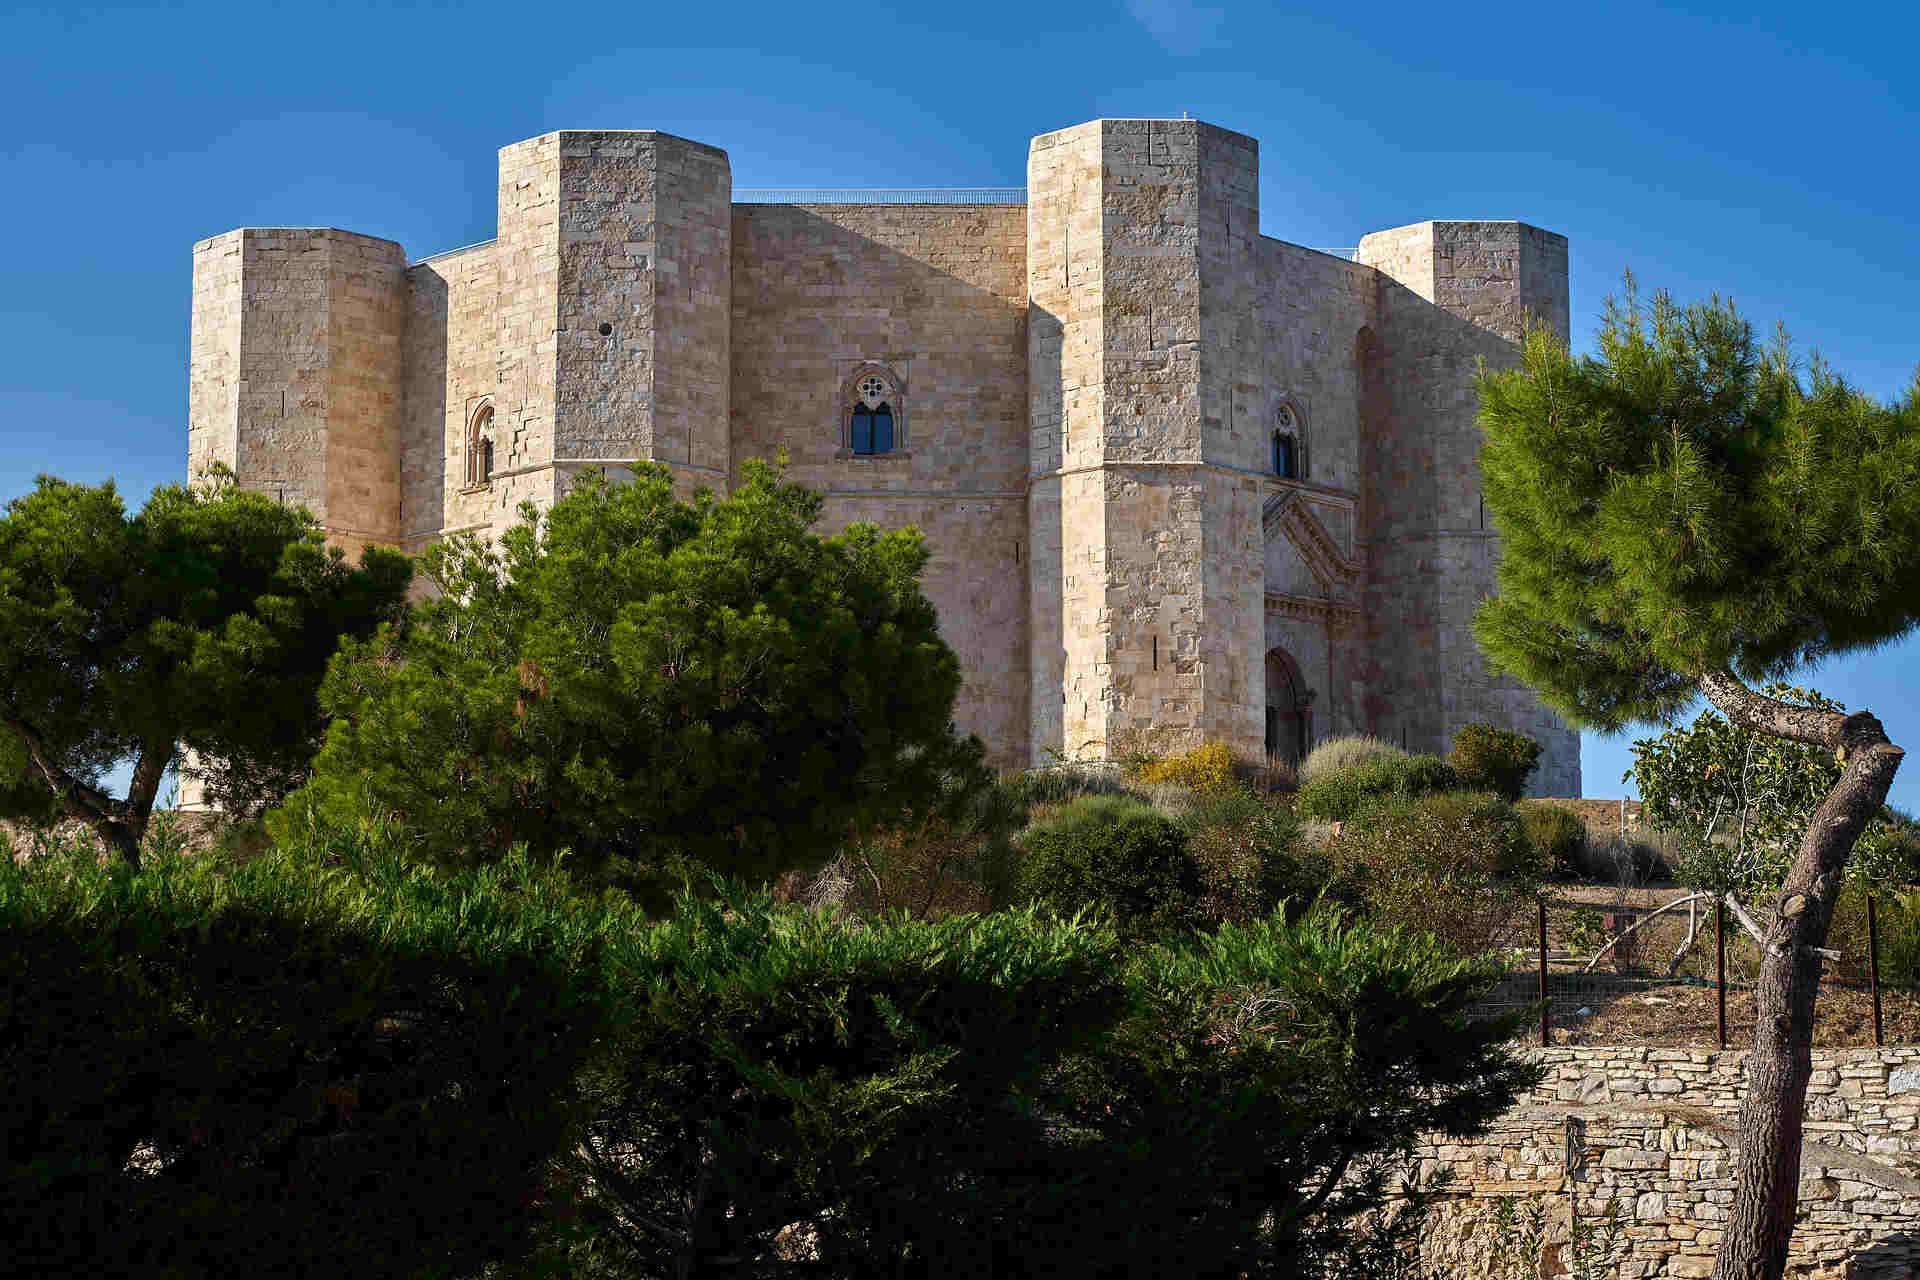 Castel del Monte sito Unesco in Puglia, Italia